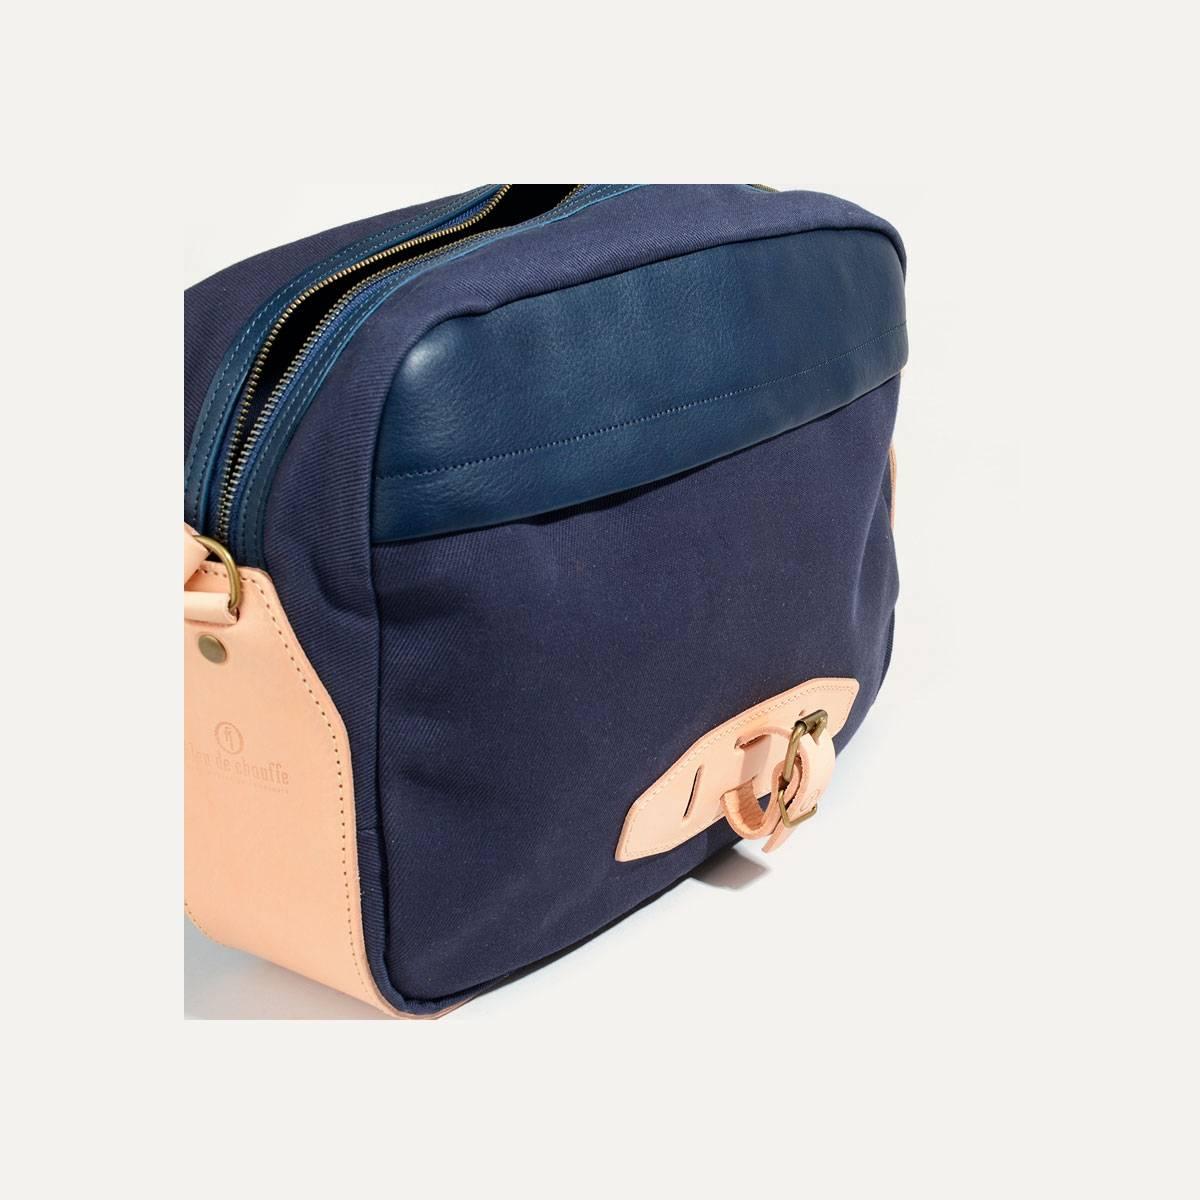 Uzu Belt bag - Navy blue / Natural (image n°4)